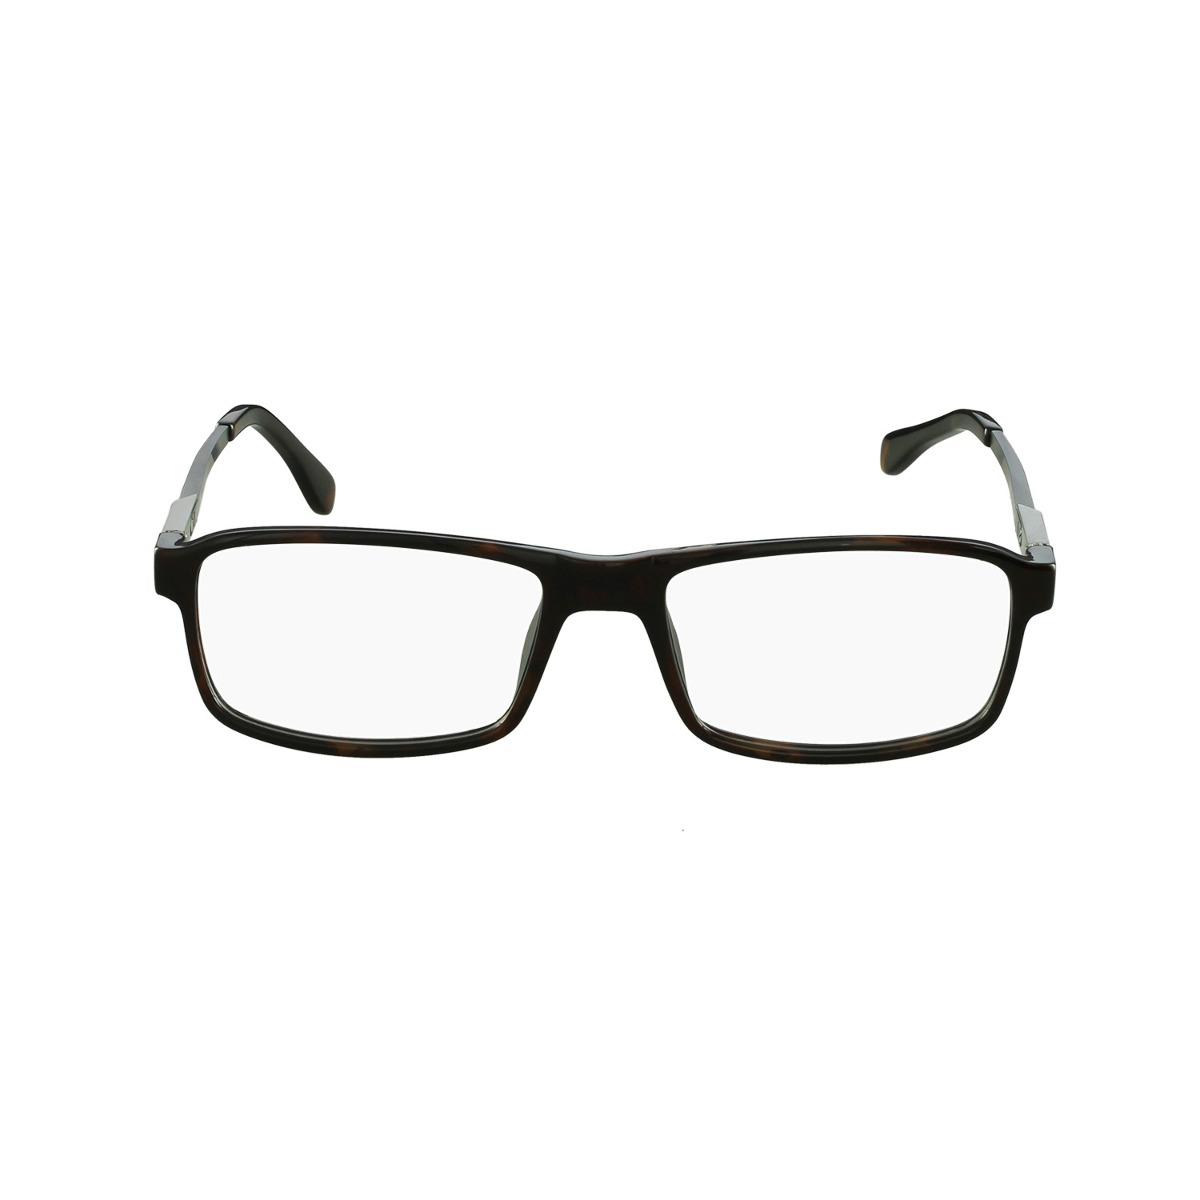 Óculos De Grau Atitude Casual Marrom Dnzaat2p02143 - R  224,00 em Mercado  Livre 7d7a1f3741